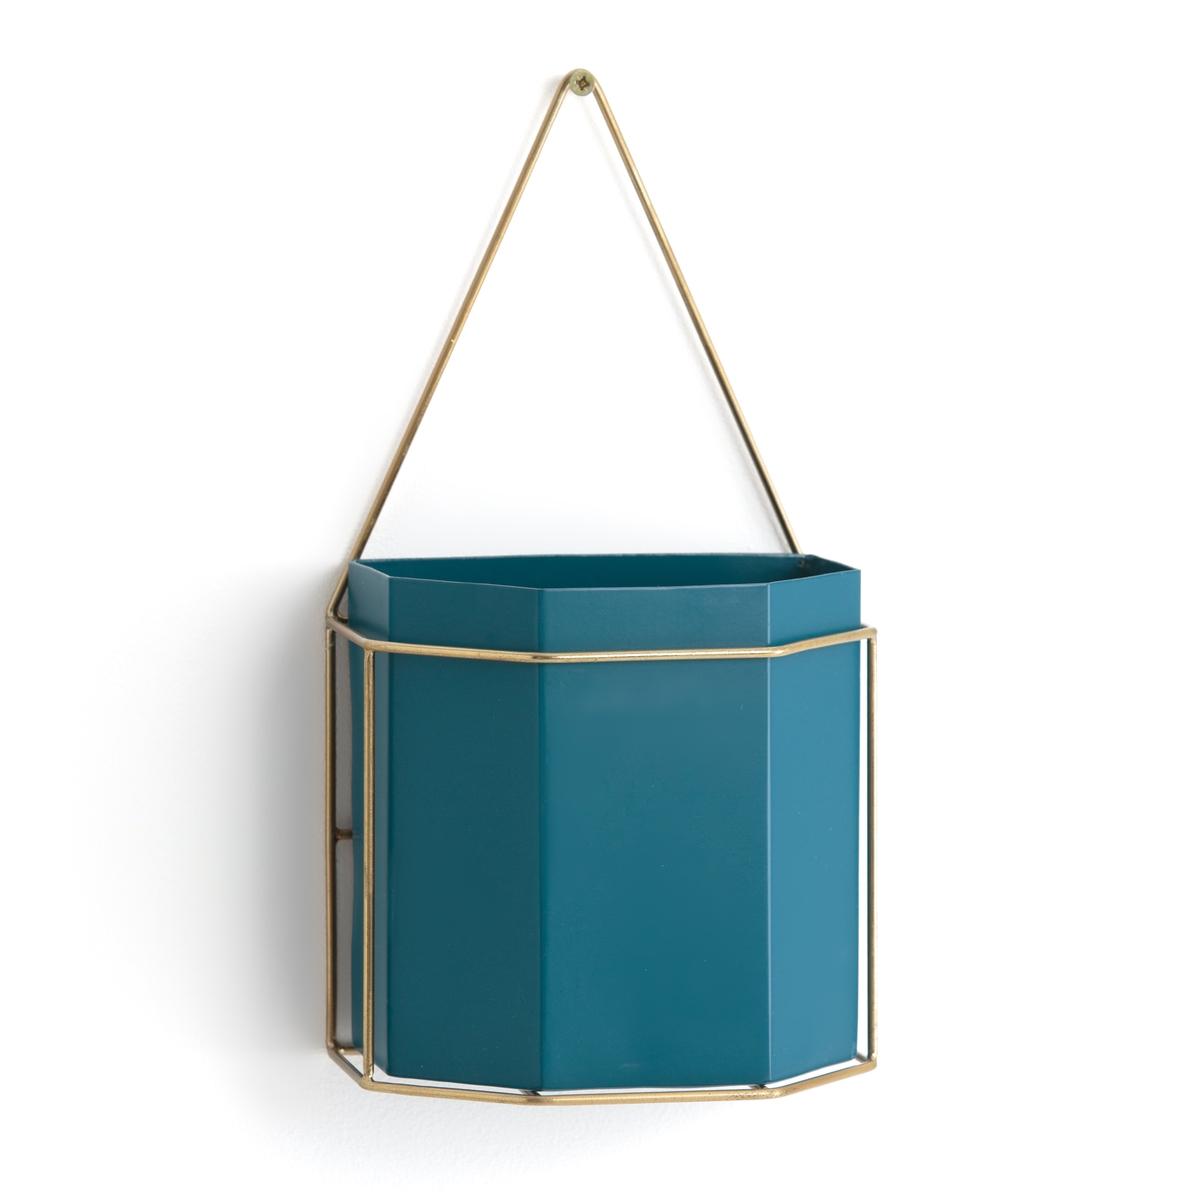 Кашпо La Redoute На стену из металла UYOVA единый размер синий стол la redoute журнальный из агата и металла anaximne единый размер синий